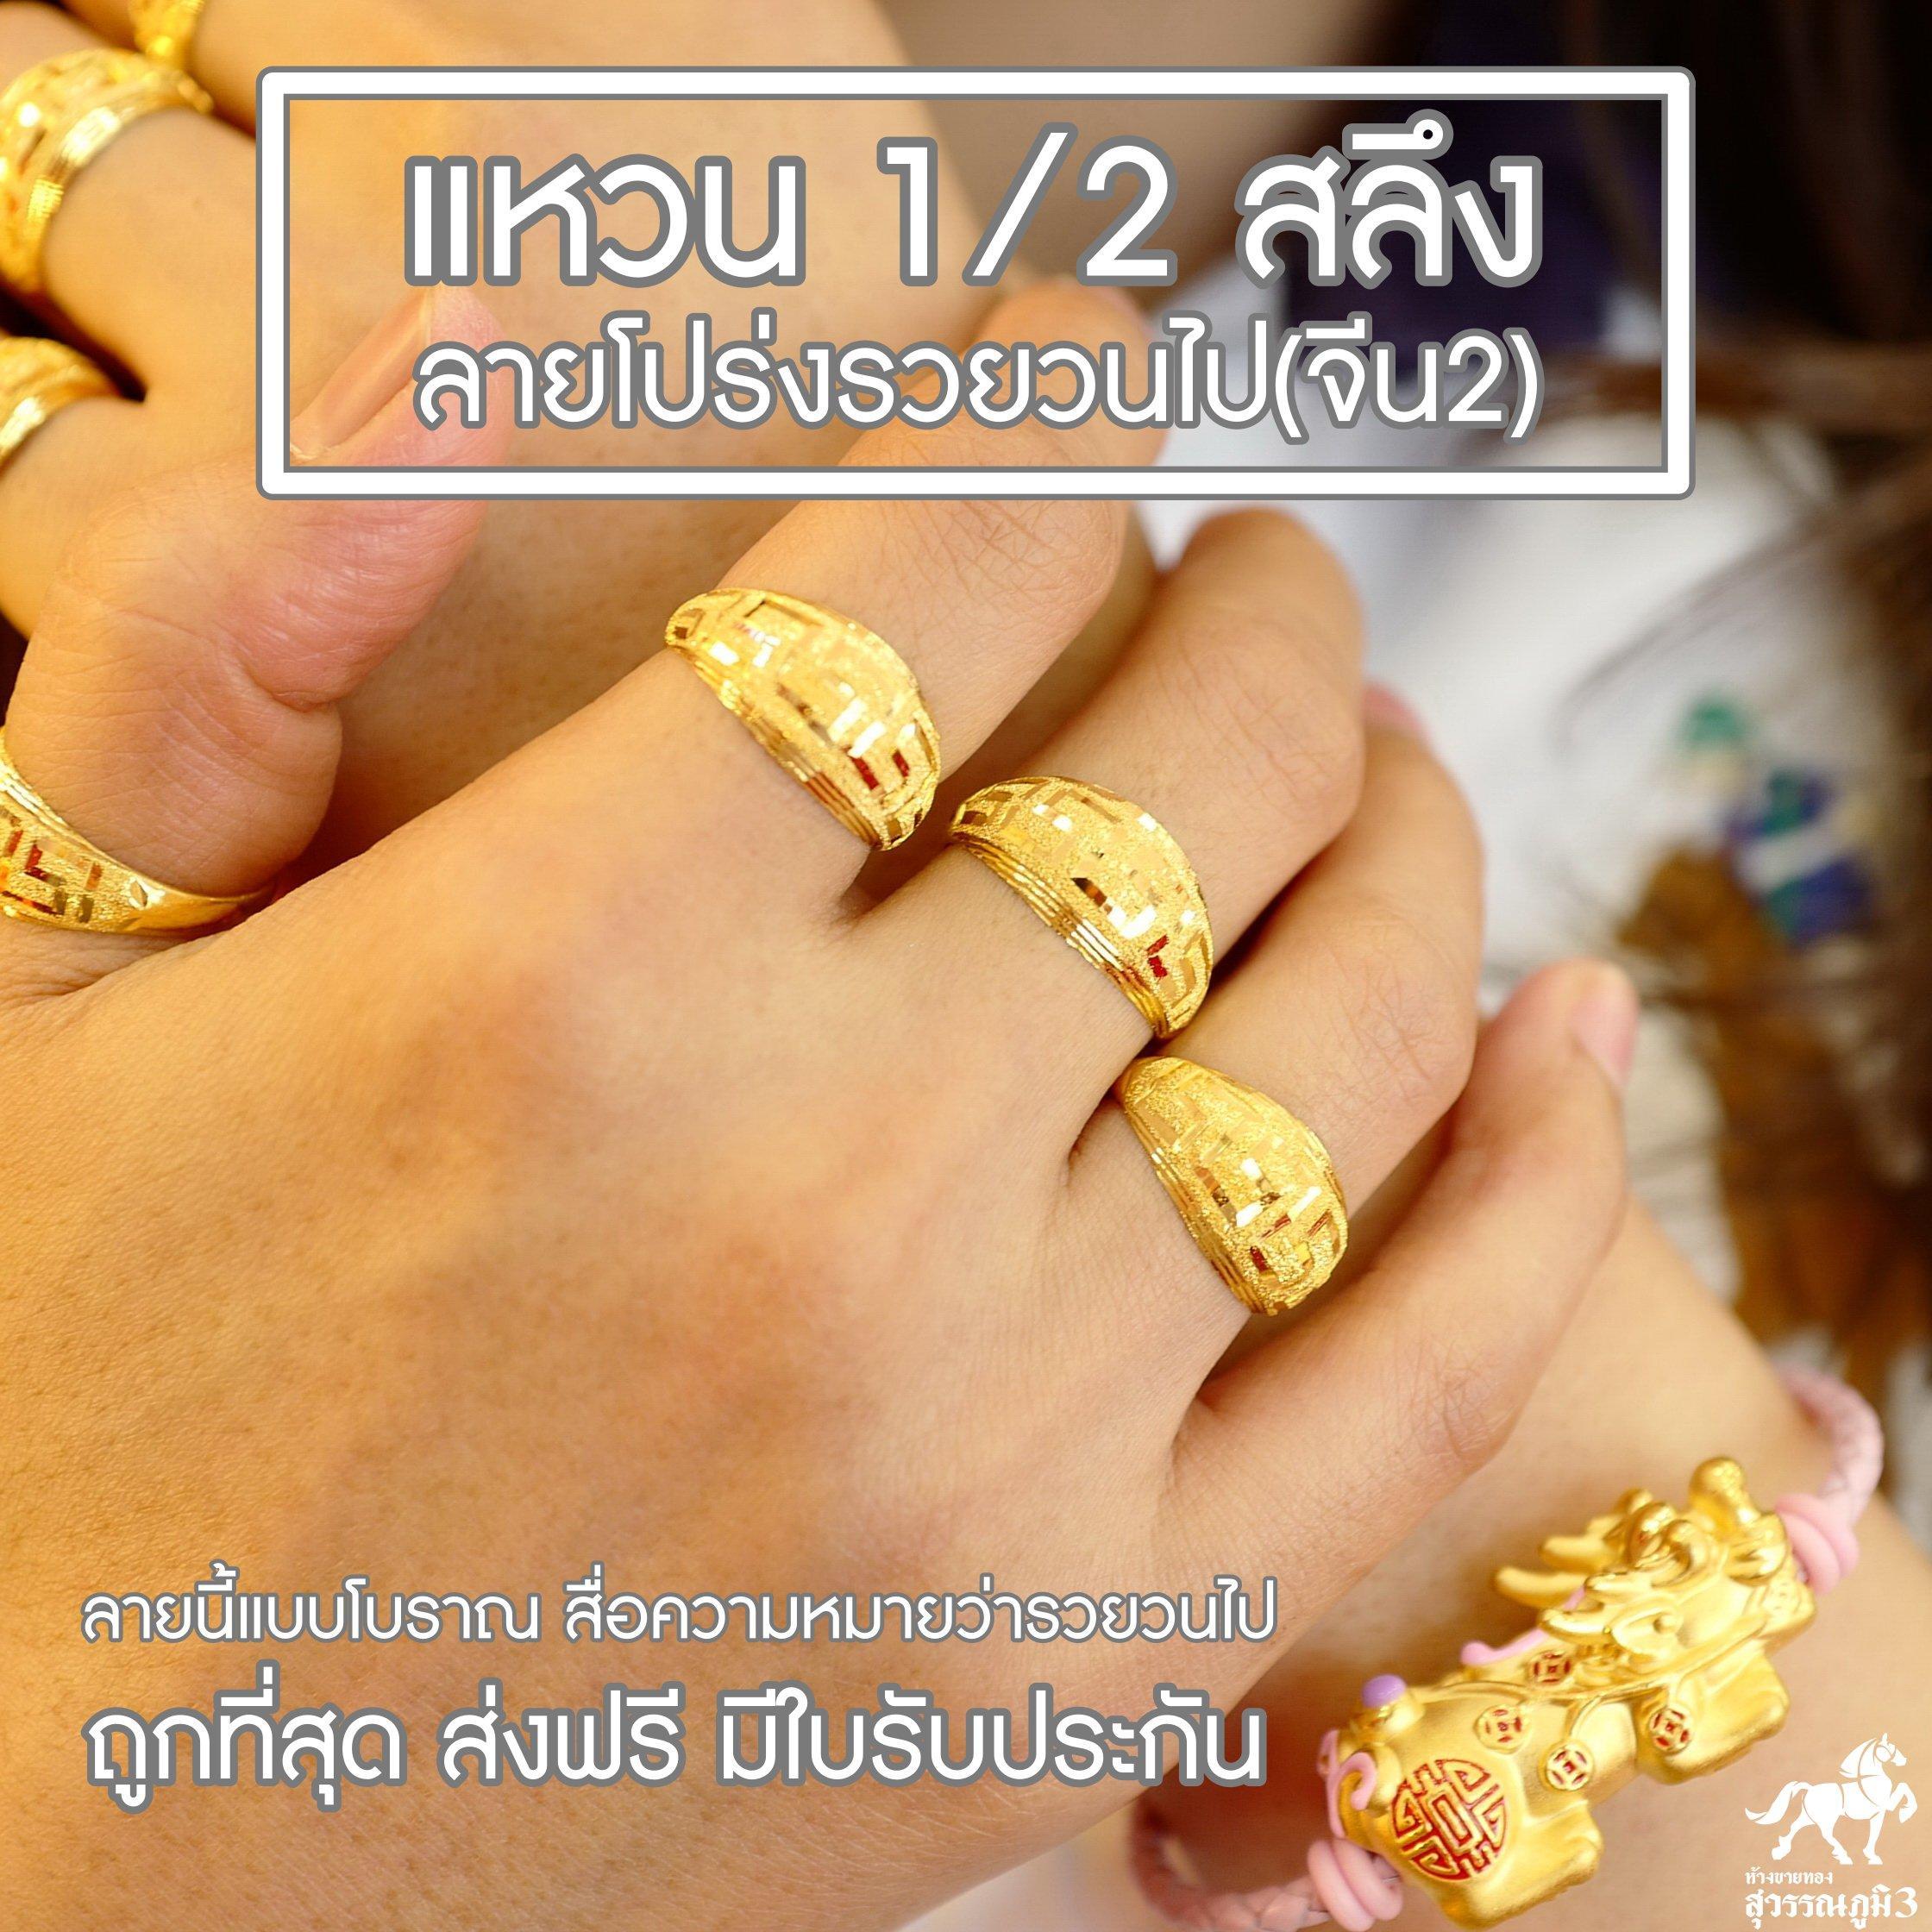 แหวนทองครึ่งสลึง ลายหัวโปร่งรวยวนไป(ลายจีน2) 96.5% น้ำหนัก (1.9 กรัม) ทองแท้ จากเยาวราช น้ำหนักเต็ม ราคาถูกที่สุด ส่งฟรี